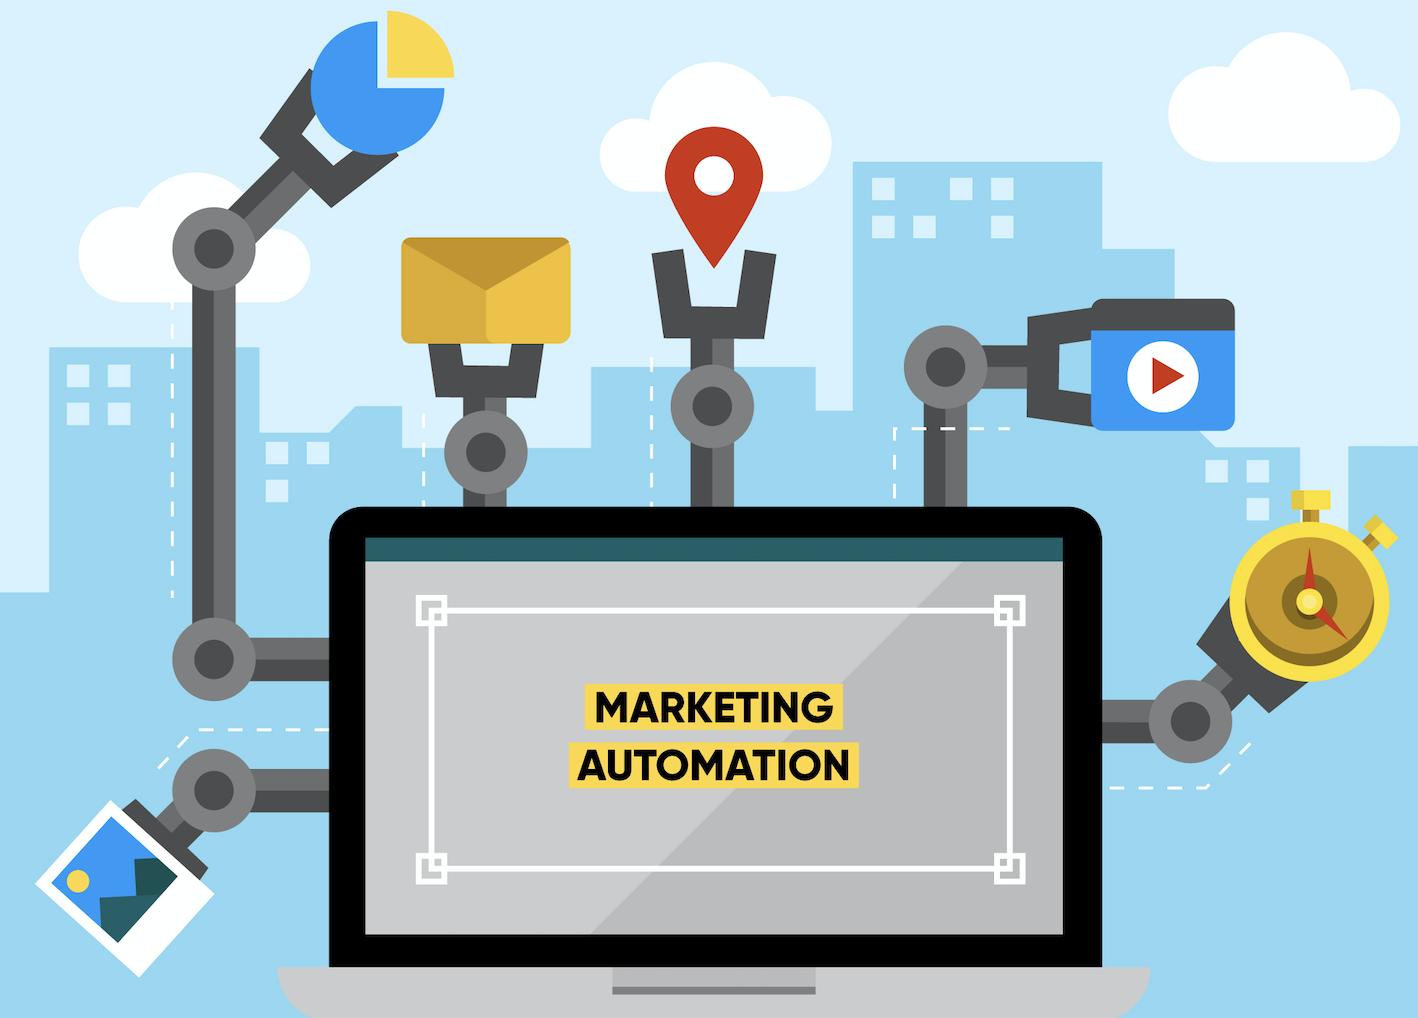 마케팅 자동화와 CRM 시스템의 통합